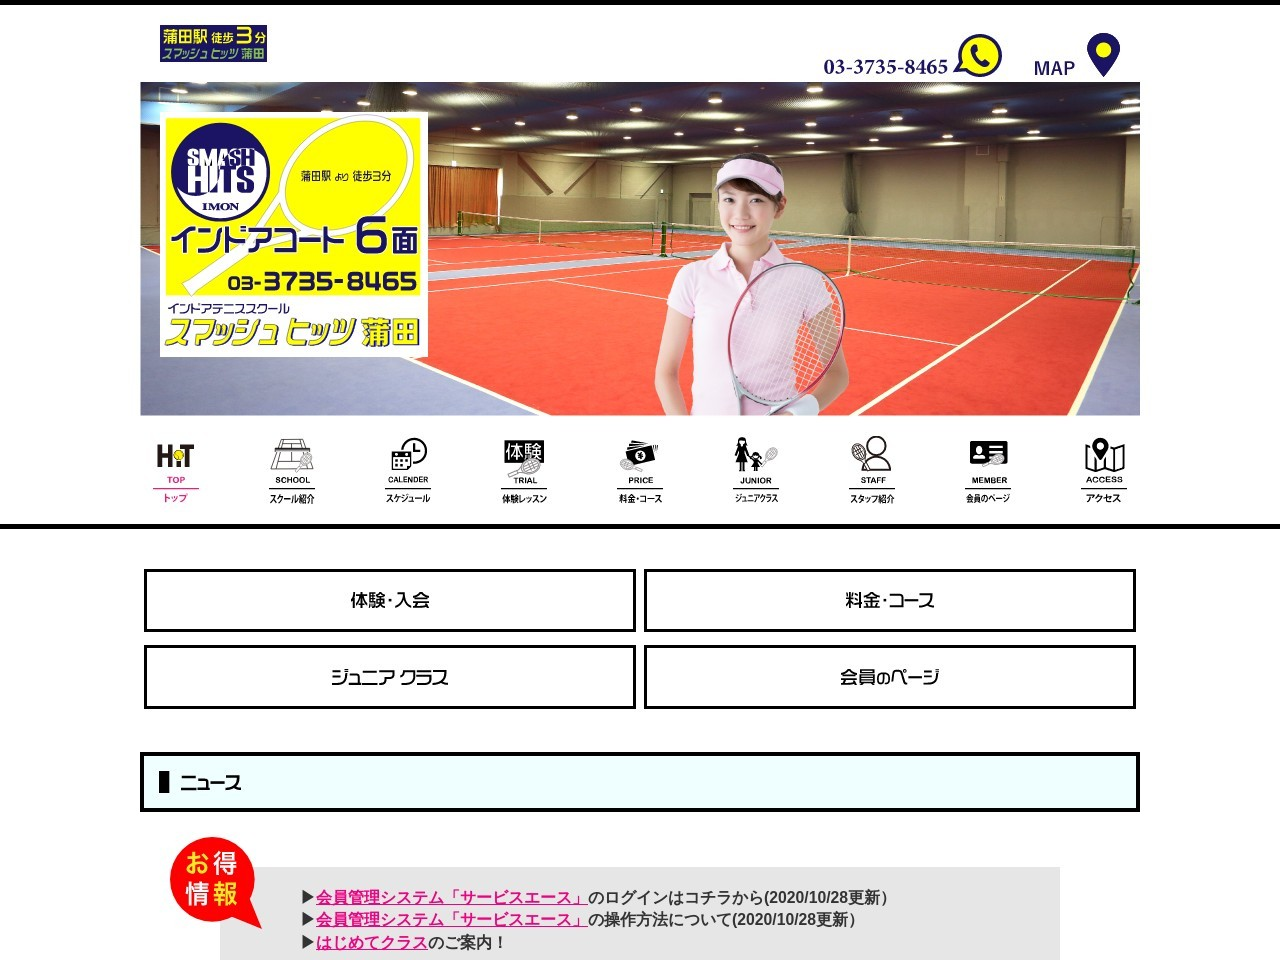 インドアテニススクールスマッシュヒッツ蒲田